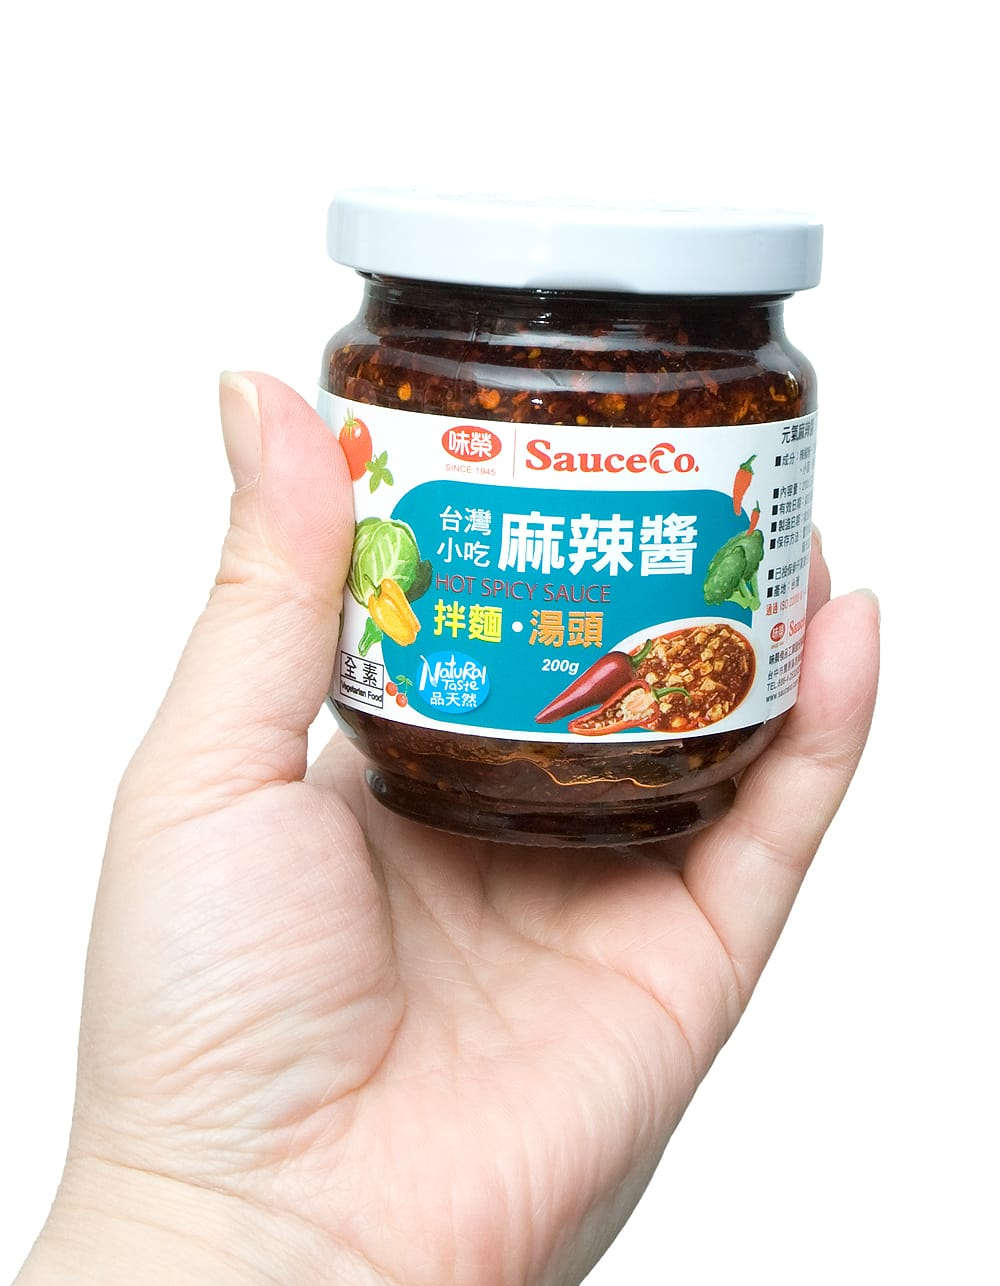 麻辣醤(マーラージャン)オーガニック - 花椒と唐辛子ソース HOT SPICY Sauce 【未榮食品】 2 - 手に持ってみました。麻婆豆腐や炒め物に刺激的なスパイスを!